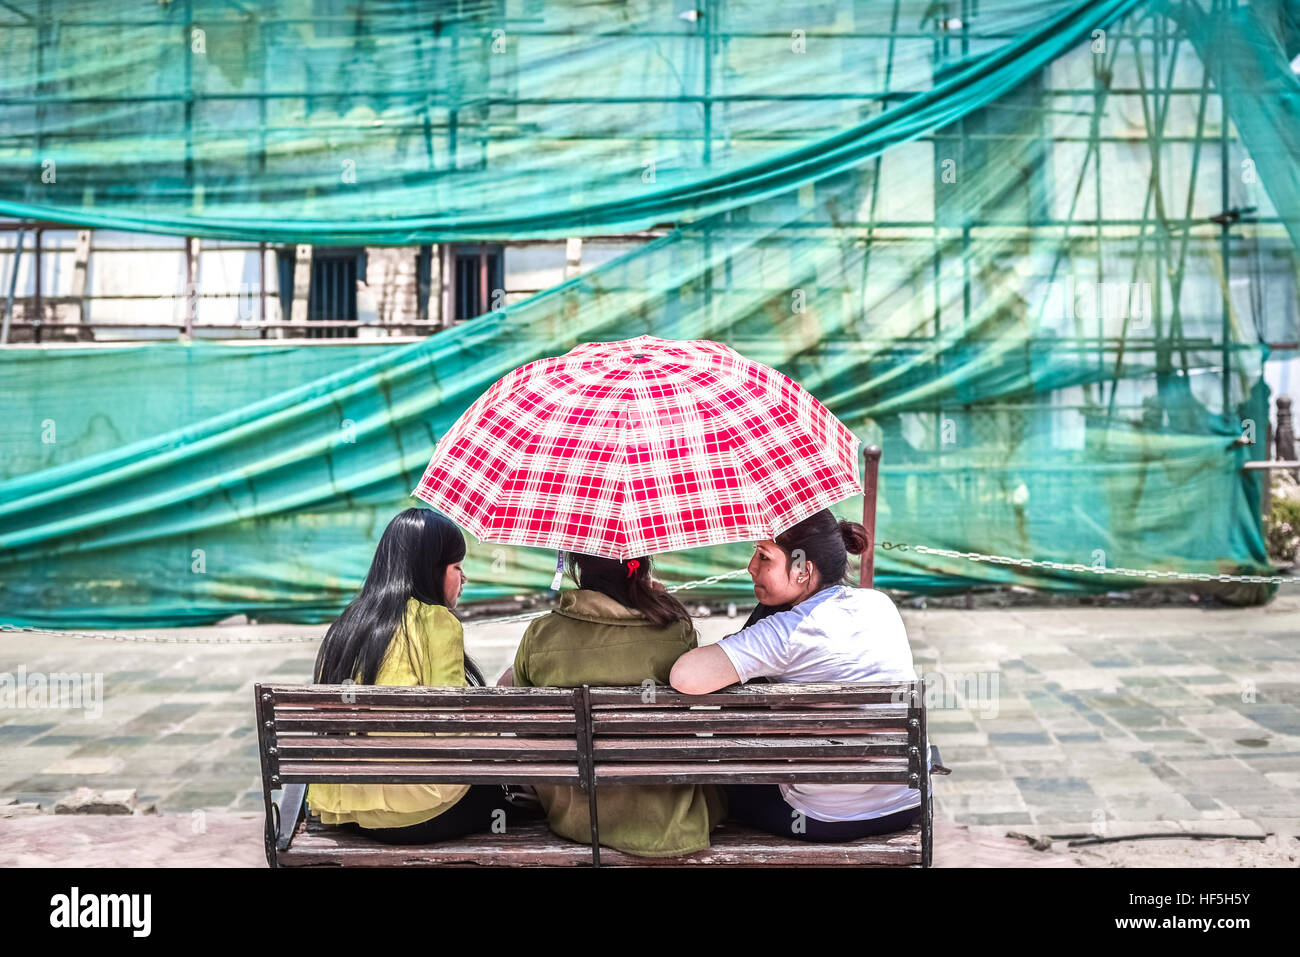 Tres jóvenes mujeres compartiendo un paraguas en un día luminoso en Hanuman Dhoka, La Plaza Durbar, Katmandú. Imagen De Stock